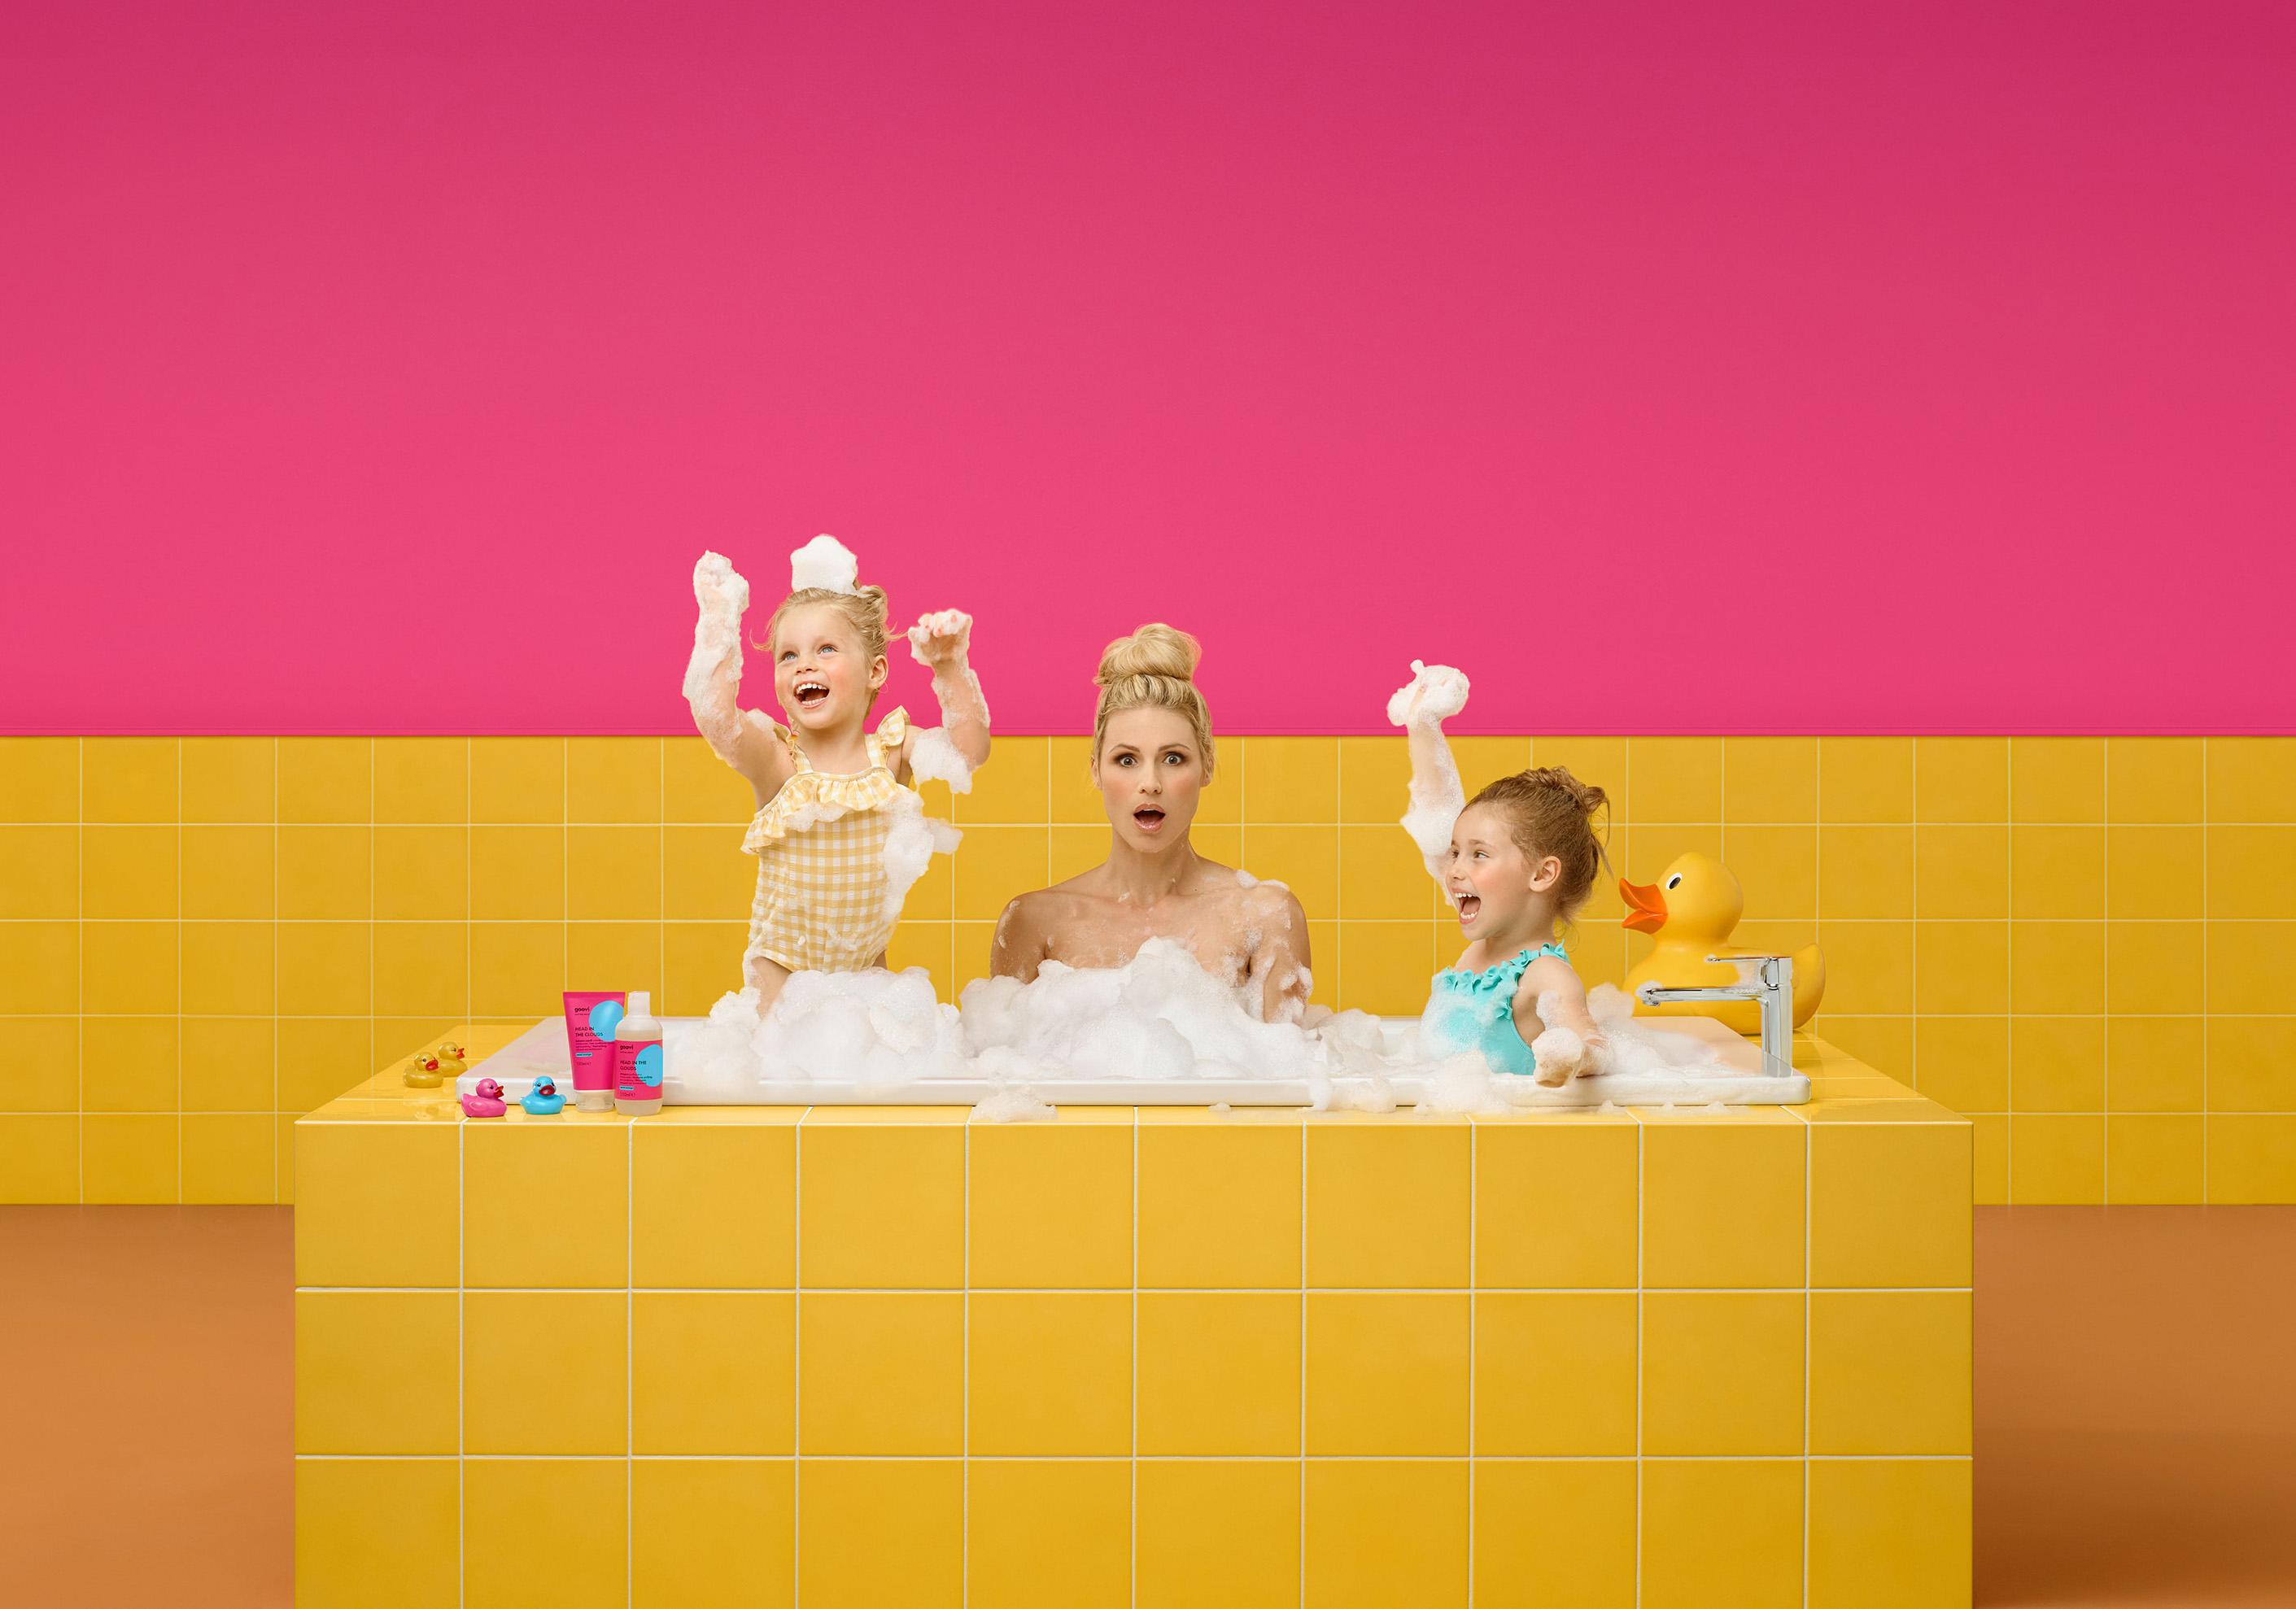 Goovi ADV 2018 | Aleksandra Kingo | Goovi | Stephanie Kherlakian | Numerique Retouch Photo Retouching Studio